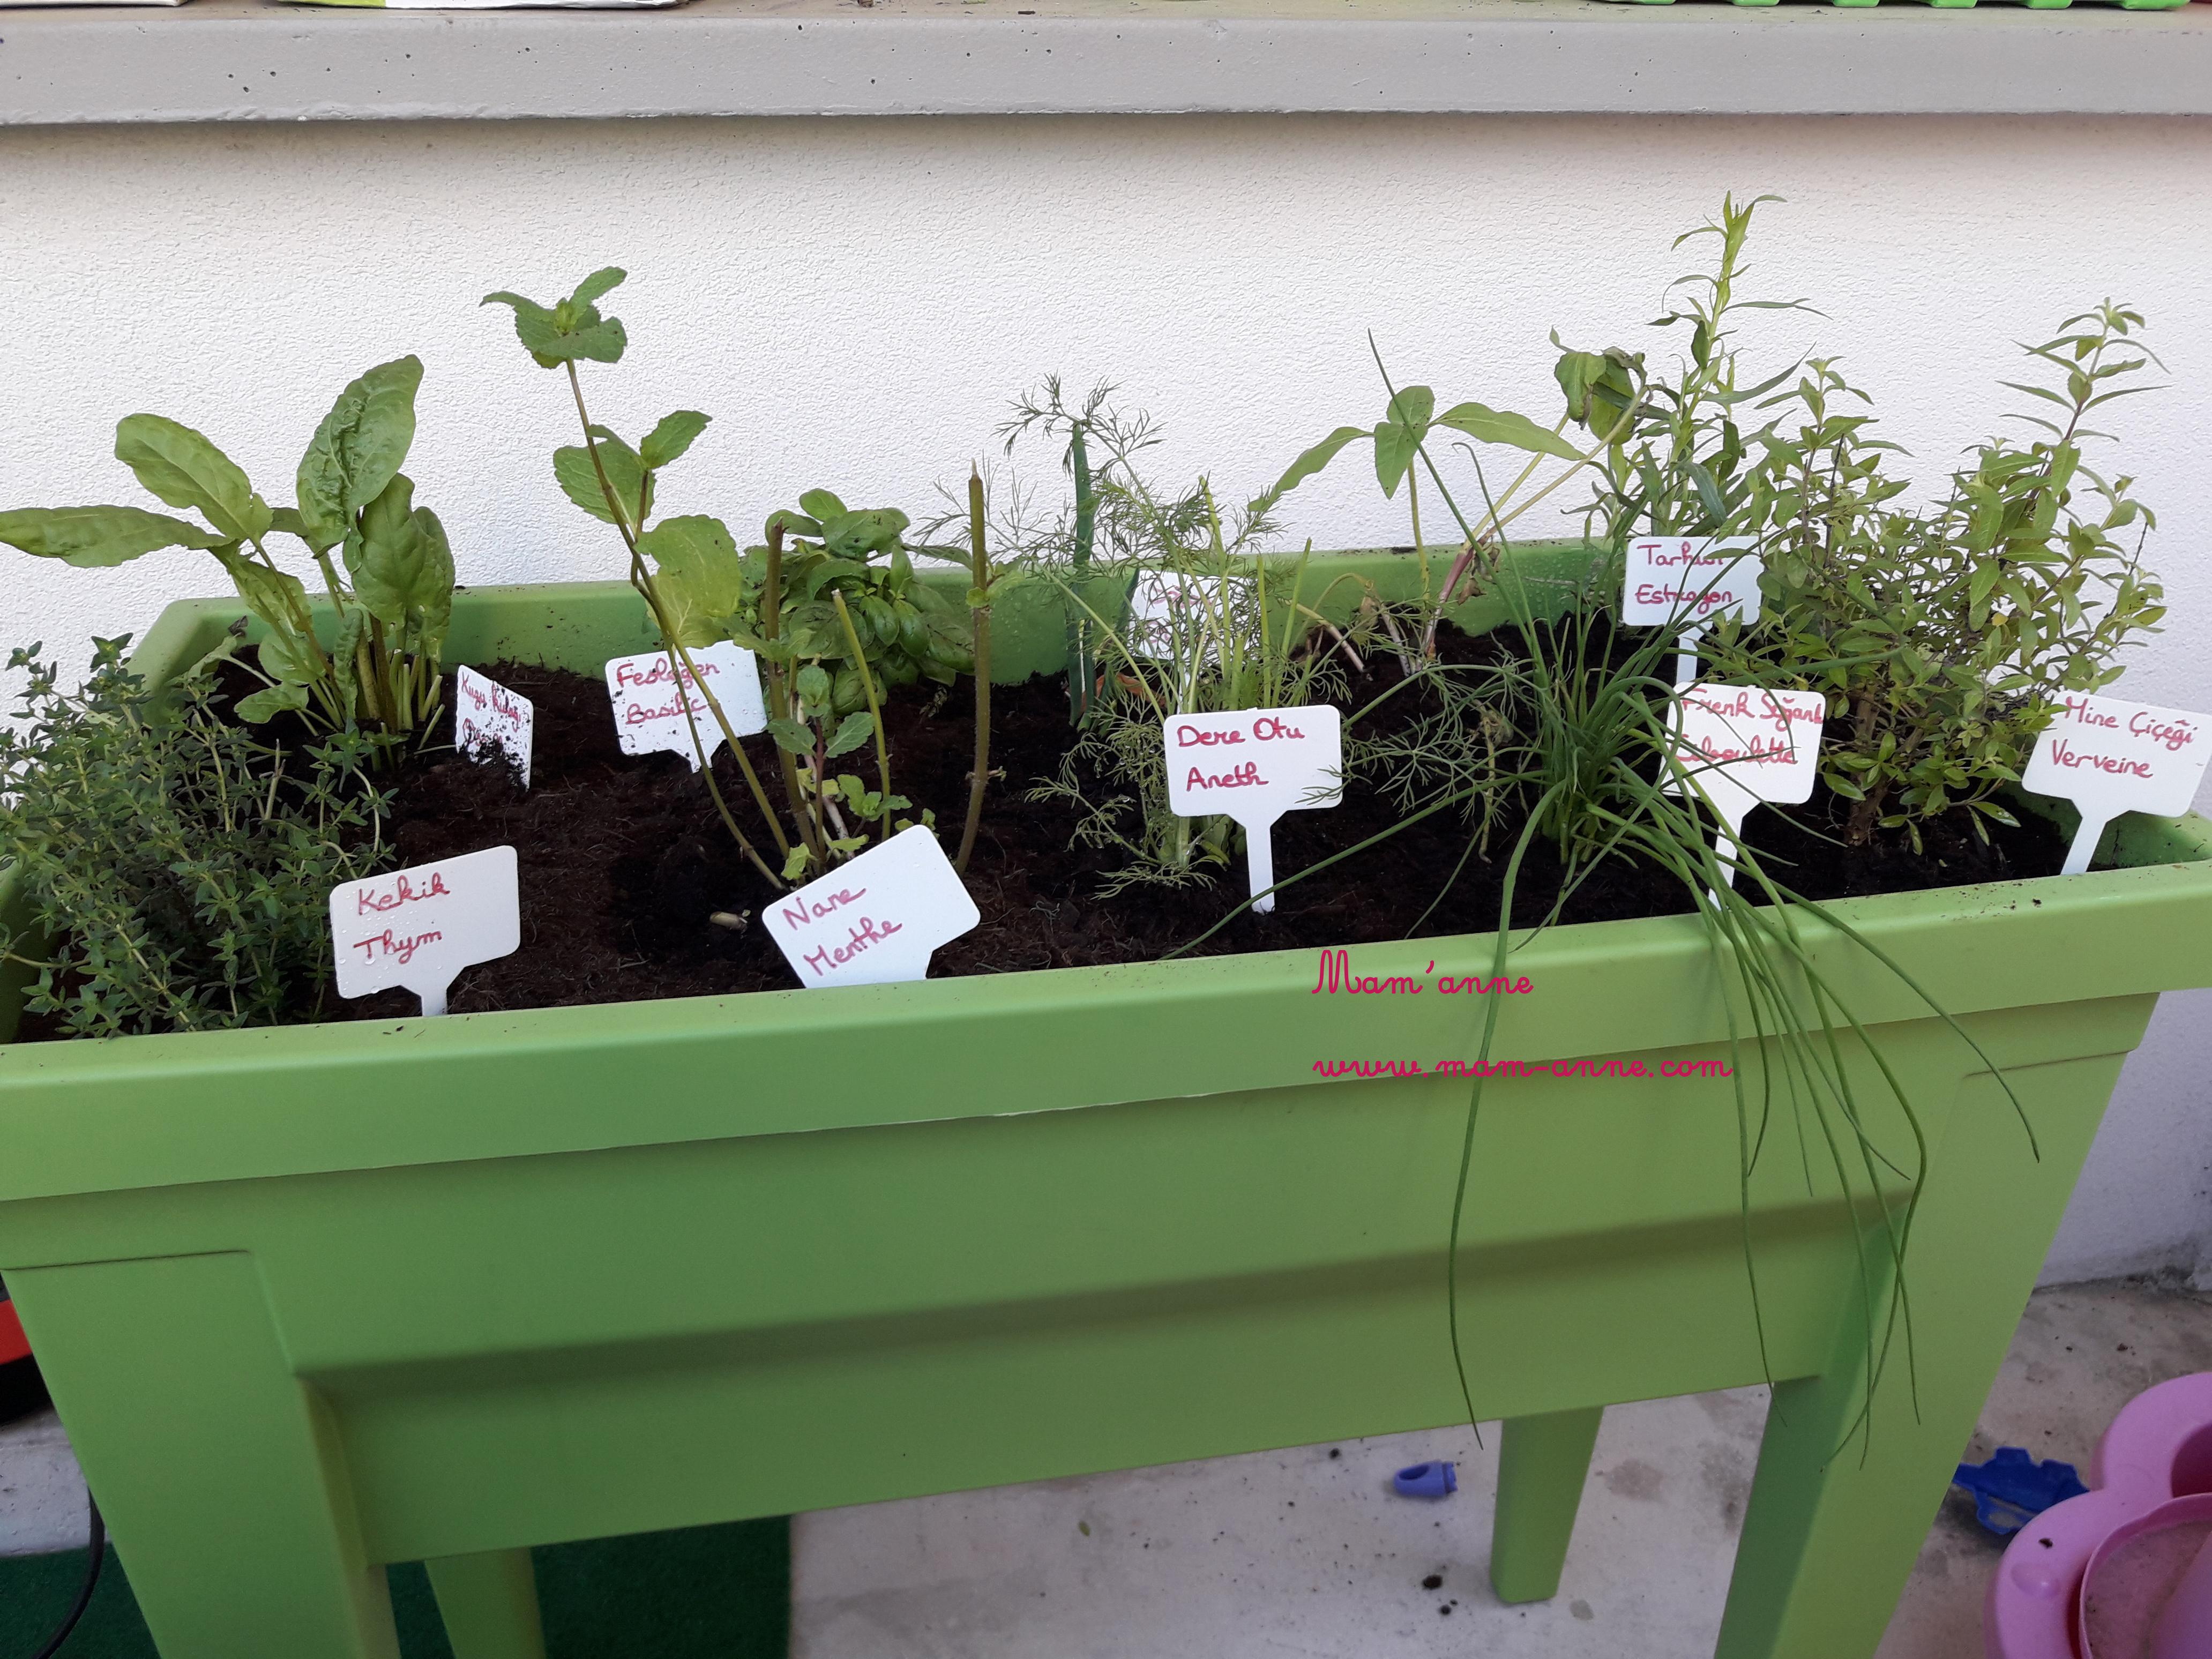 activité jardiner enfant jardinière aromates plantes arrosage nomenclature herbes aromatiques printemps été